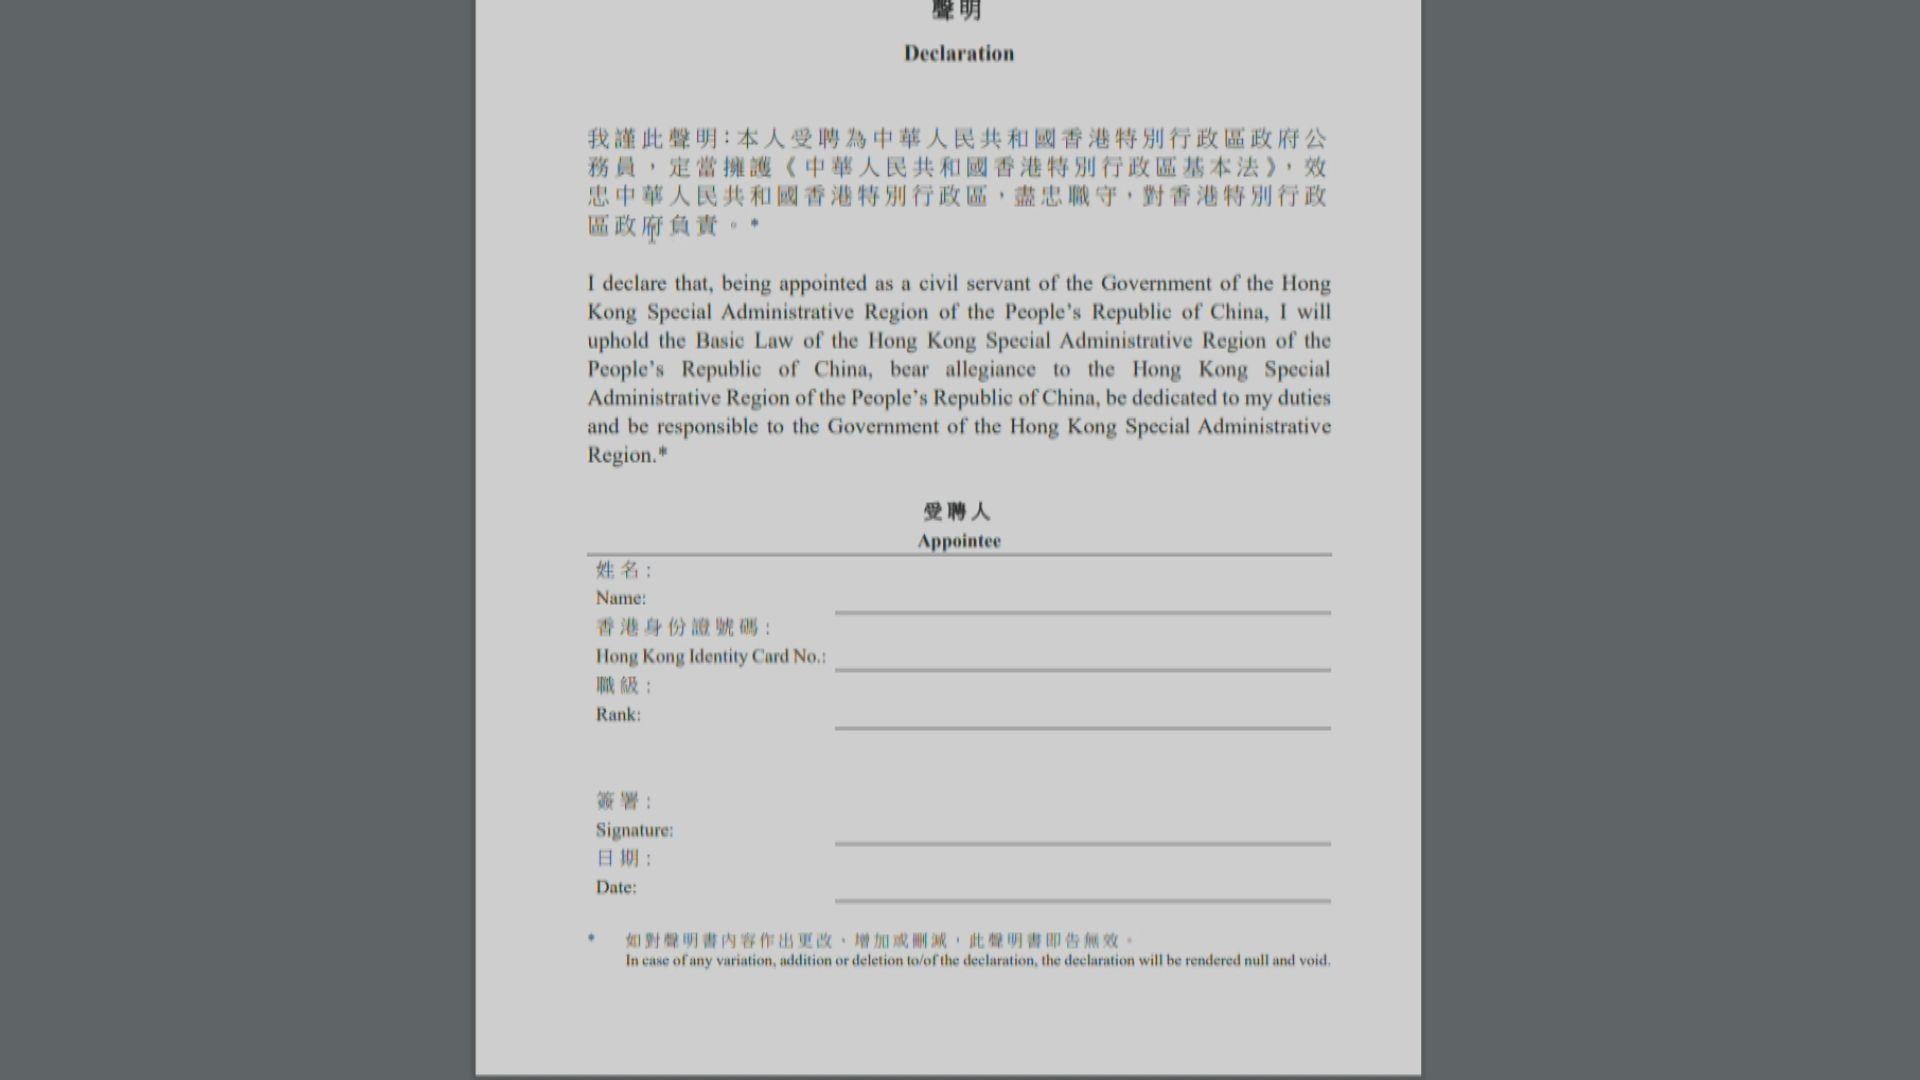 政府發內部通告 七一起入職公務員需簽聲明擁護基本法